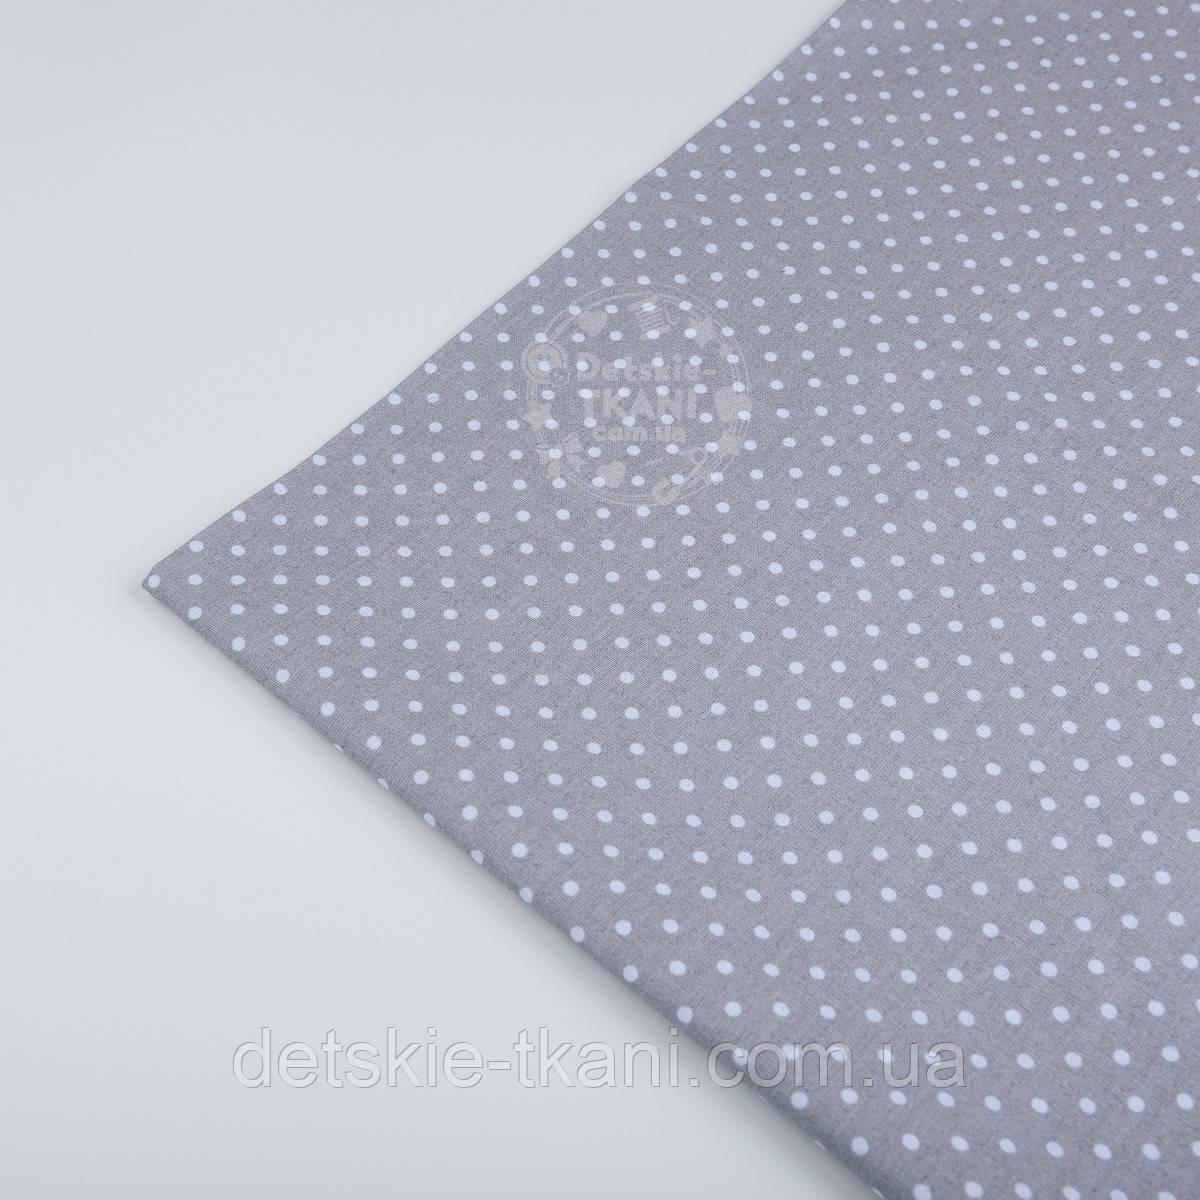 Отрез ткани №6  серого цвета с белым горошком, размер 55*160